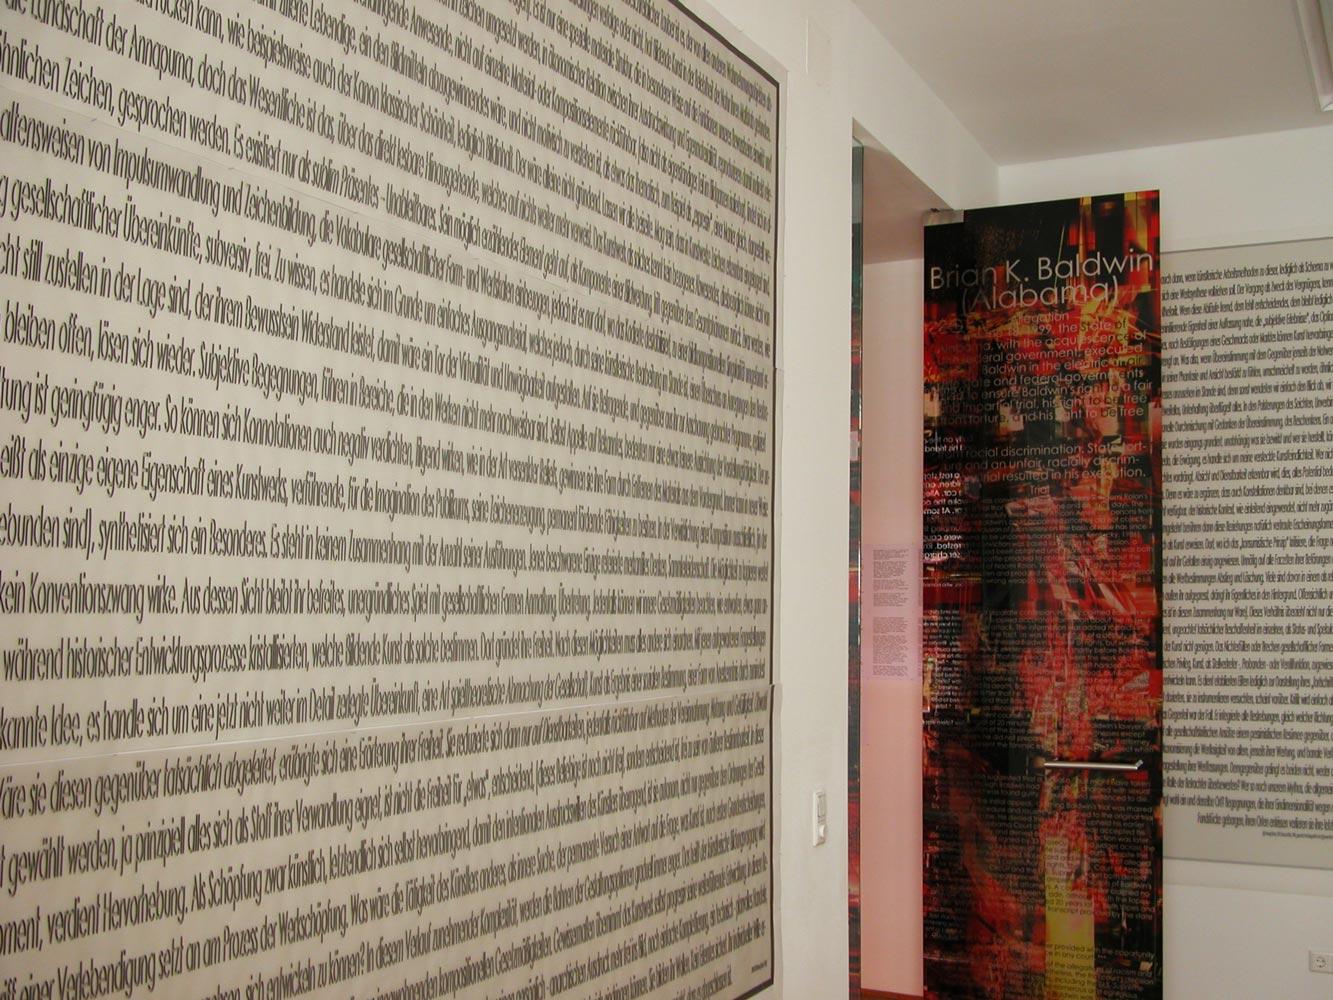 Herwig Steiner (1956L), Kunst der Attrappe, Ausschnitt Textfeld B C, Kunstraum Stephansplatz6 Wien, 2018 © Foto: Herwig Steiner (1956L)